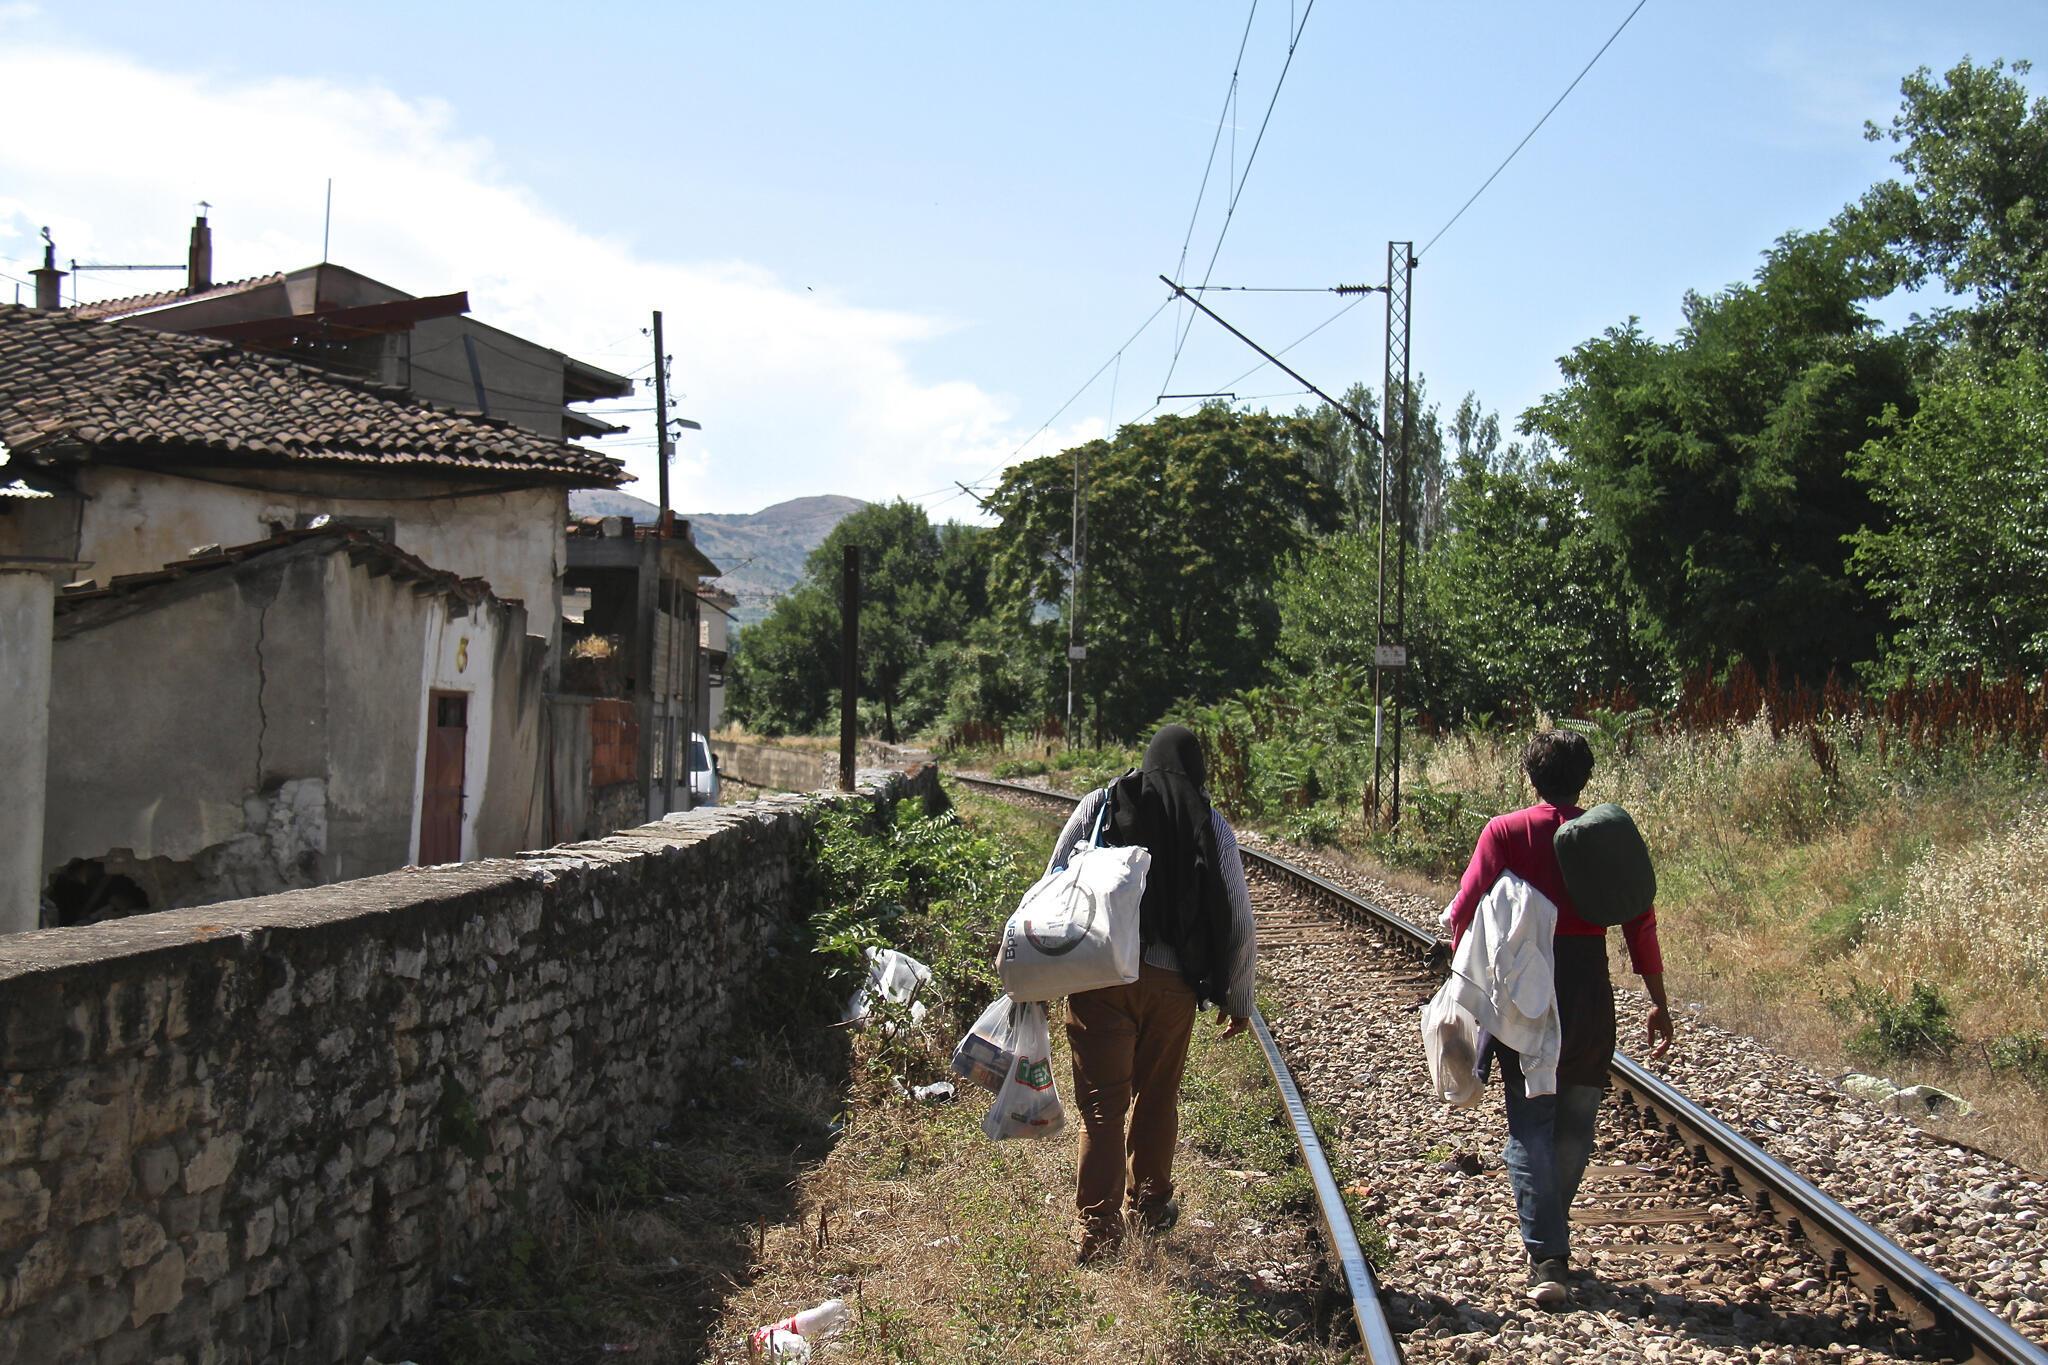 Des migrants sur la voie ferrée à Veles.